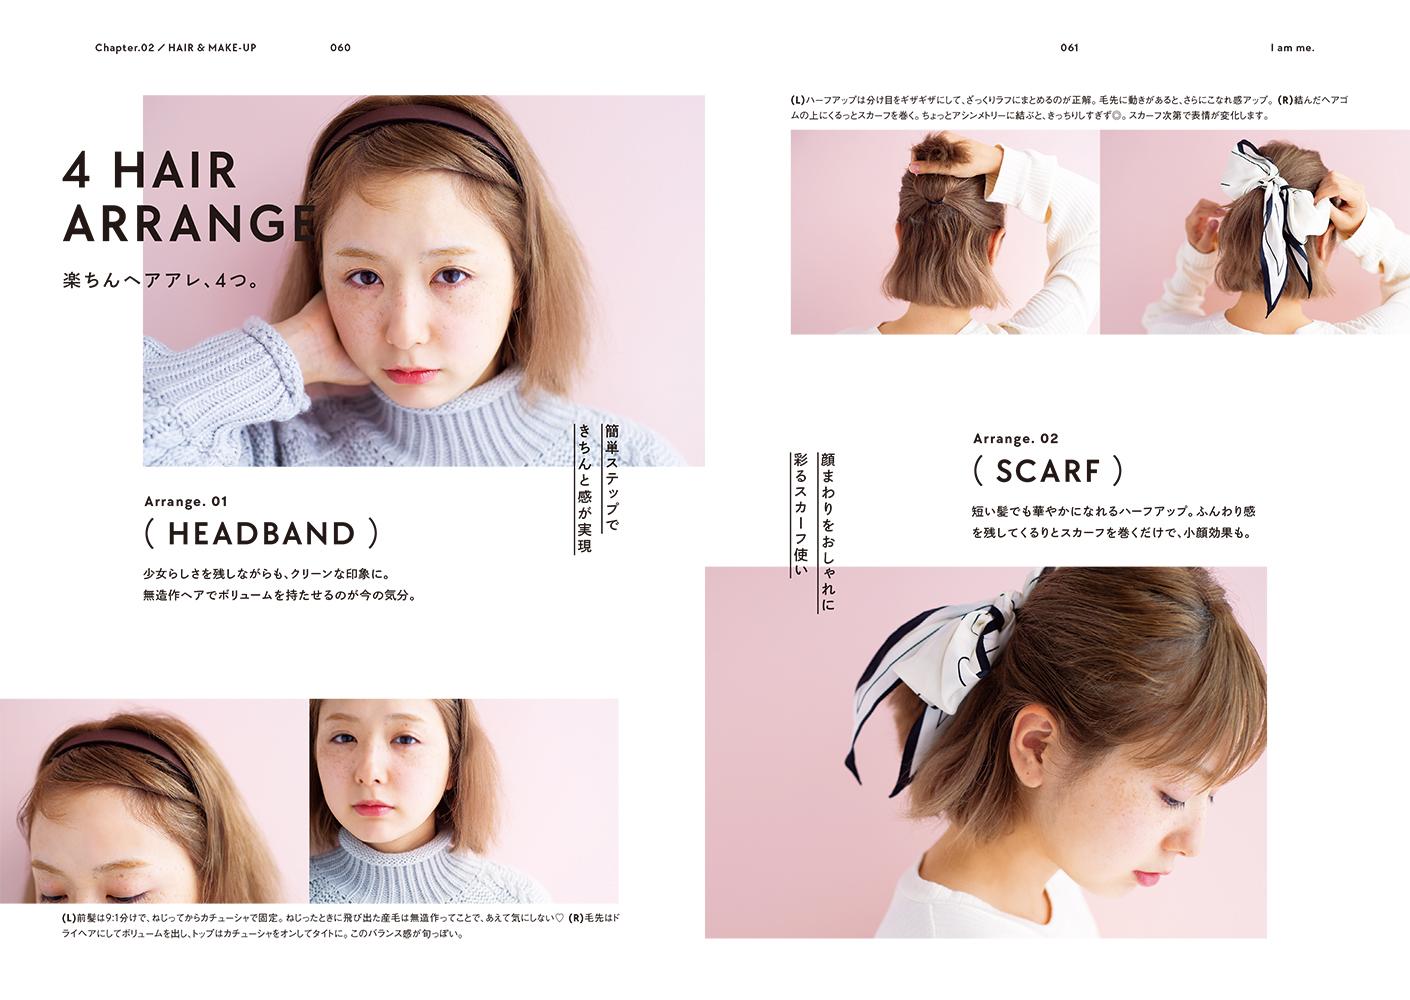 「オトナ女子の毎日を彩る、楽ちんヘアアレンジ」紙面